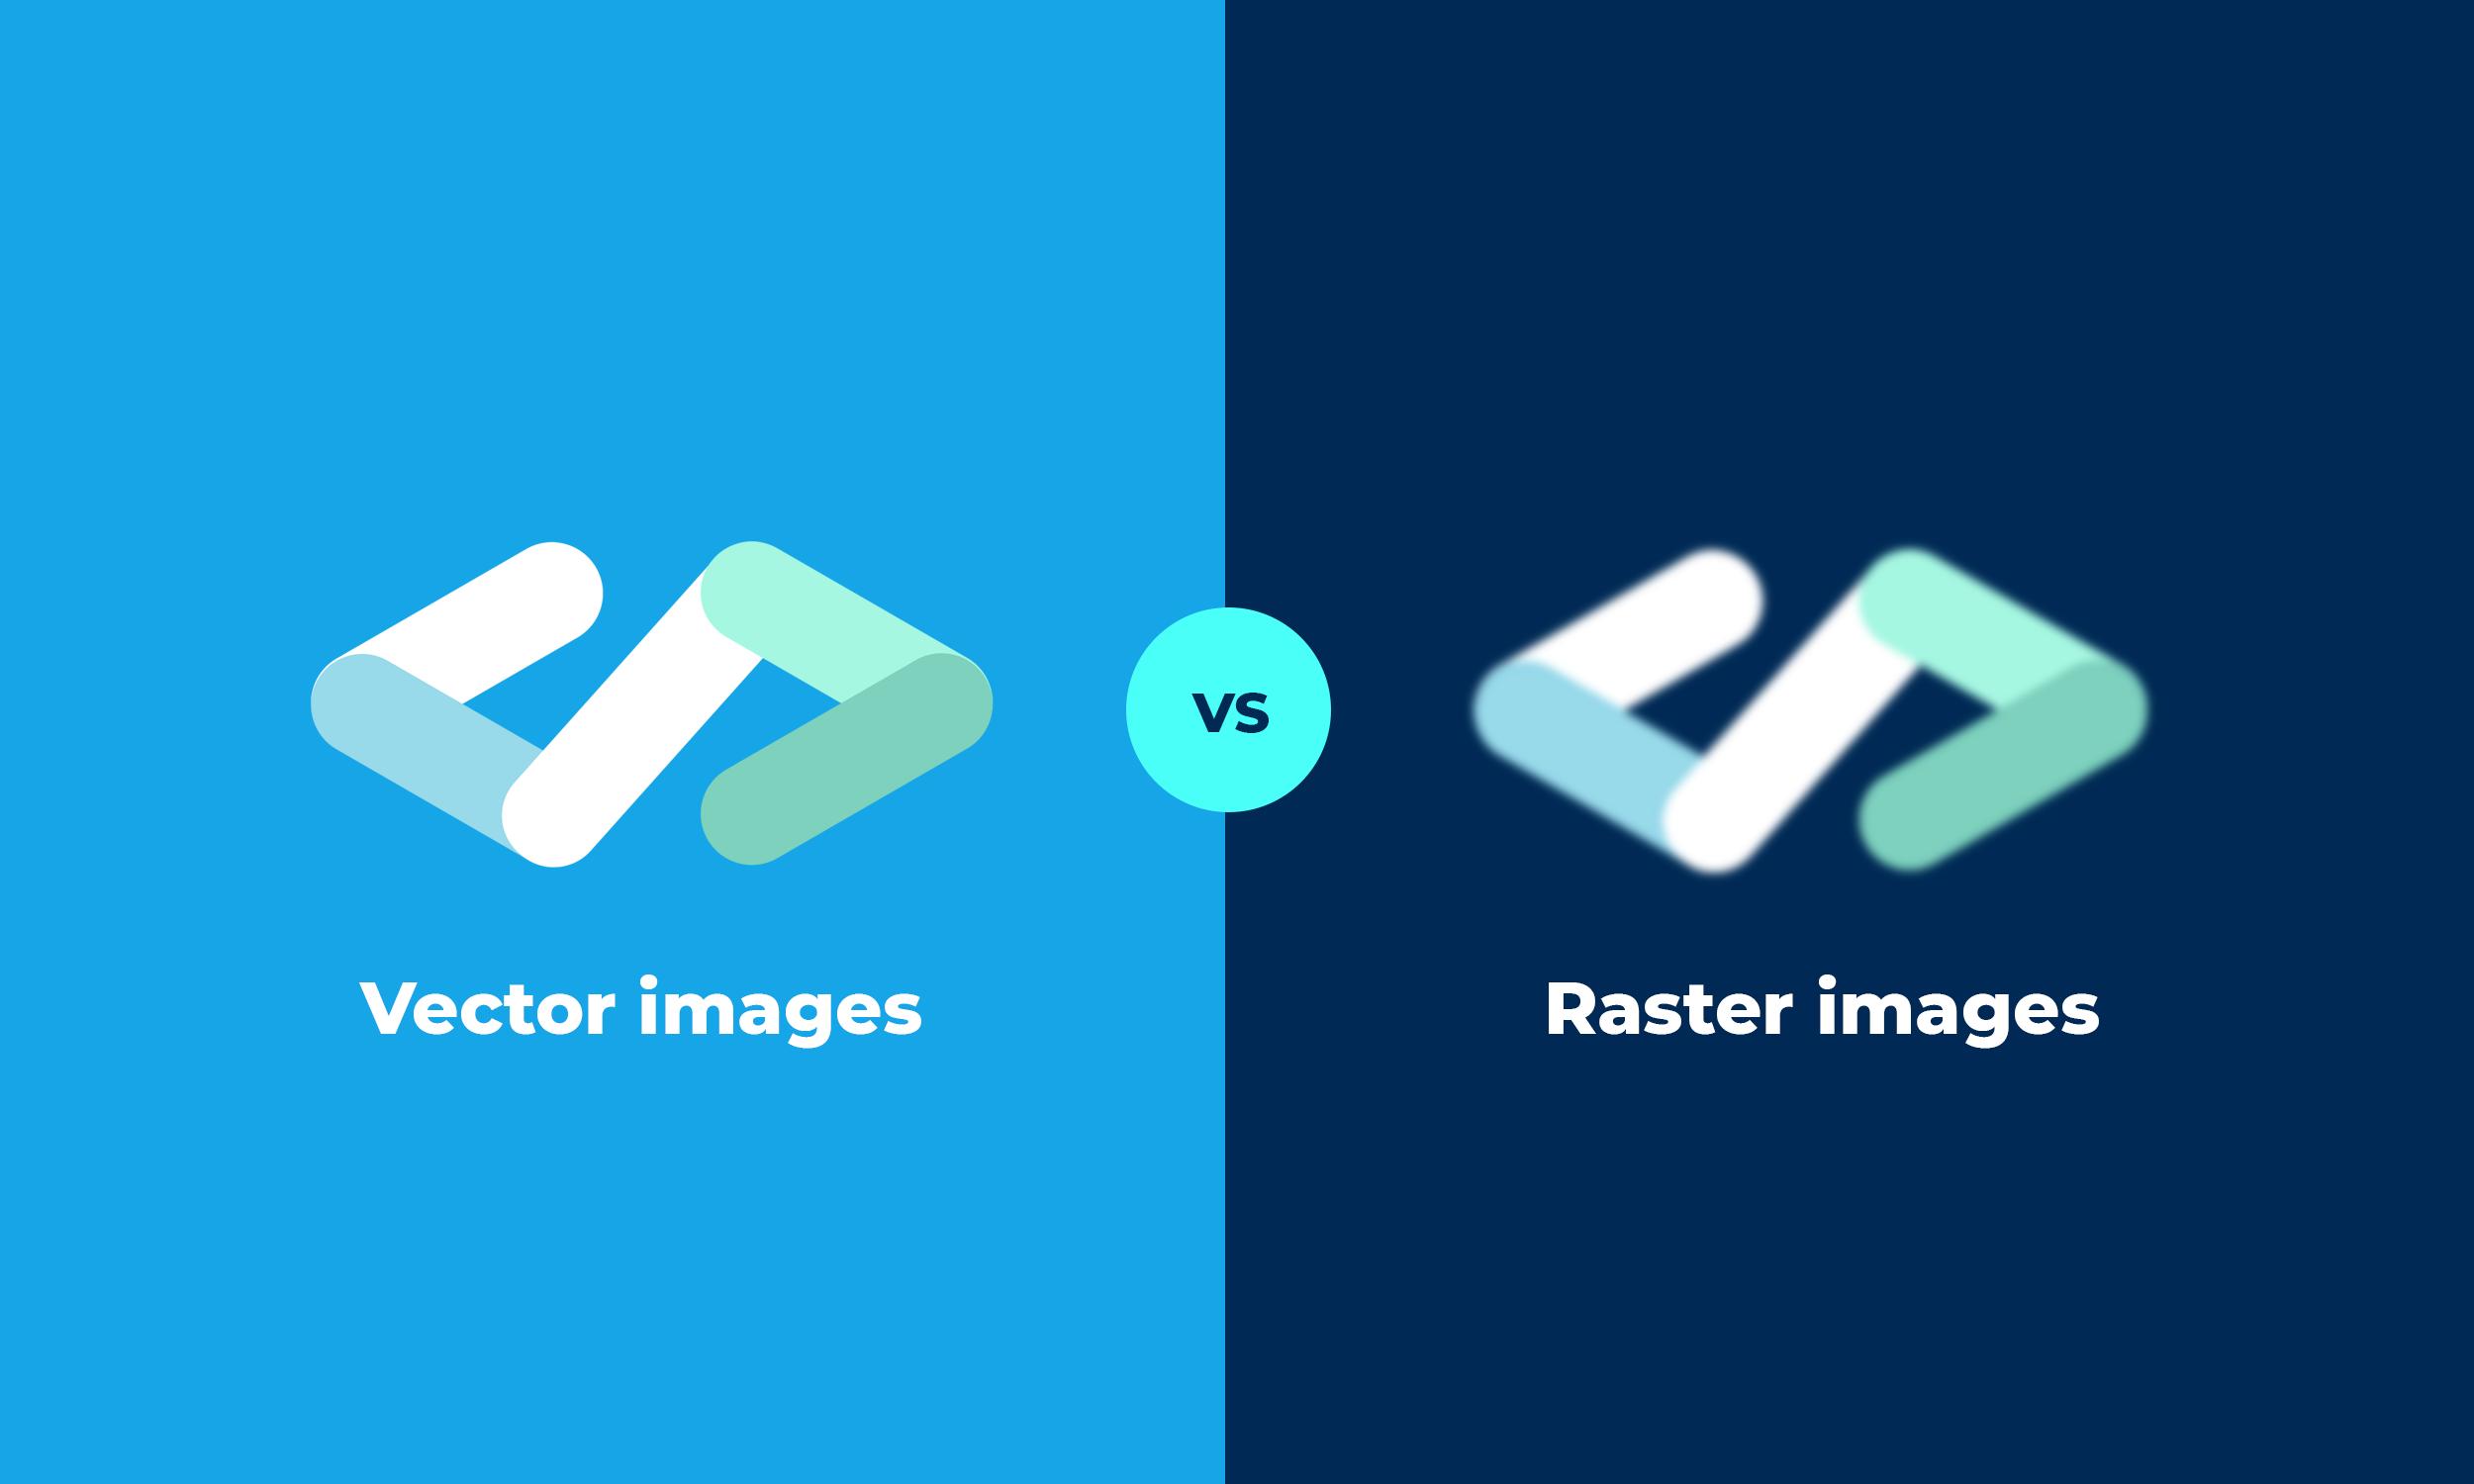 immagini vettoriali vs immagini raster